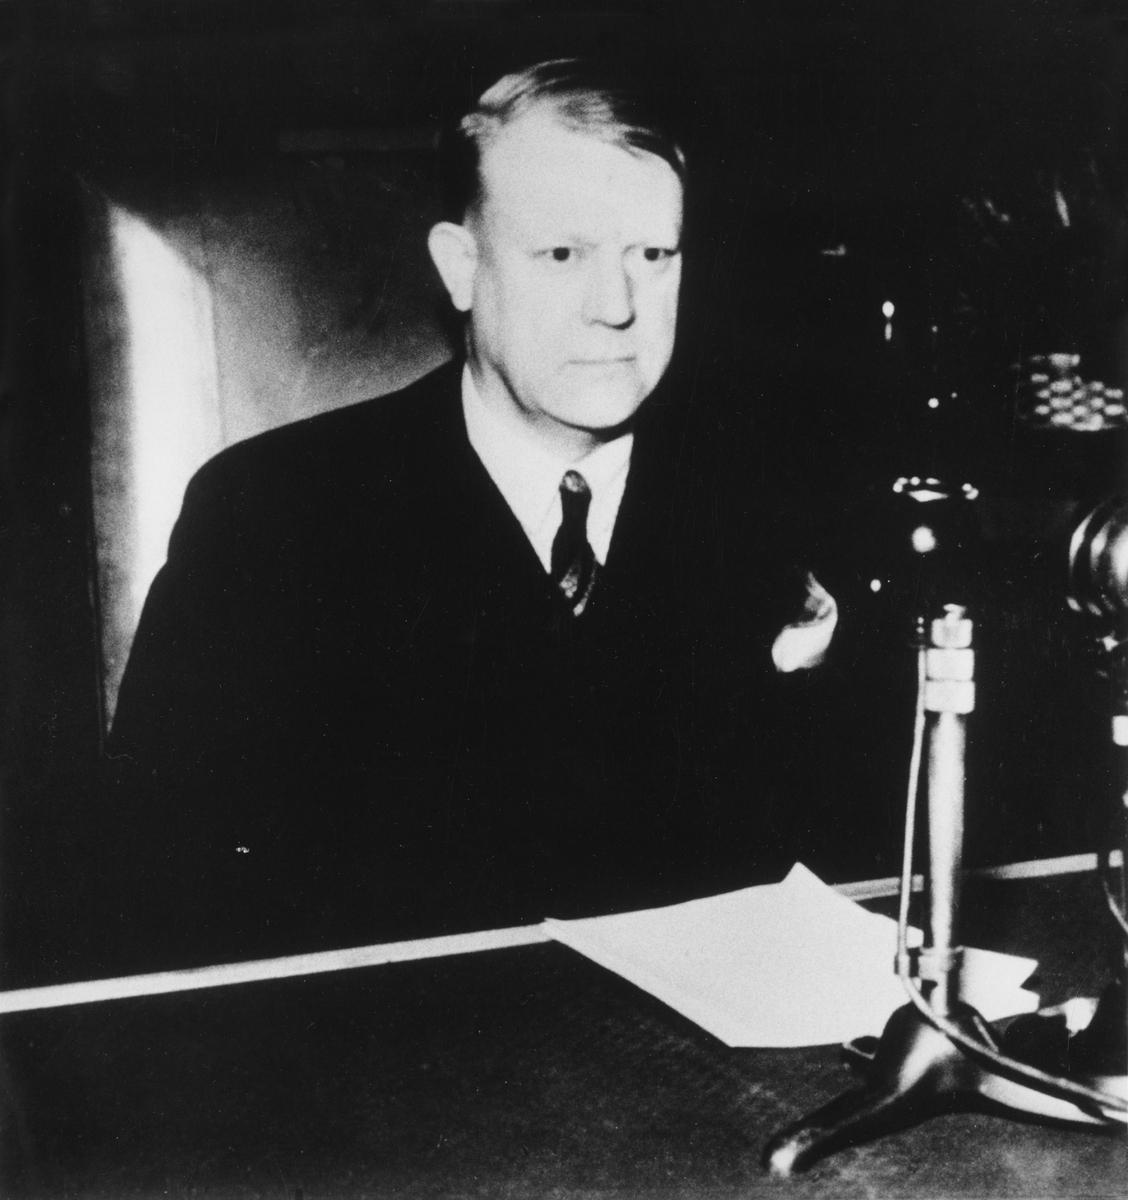 portrett, mann, Vidkun Quisling, krigen, 2. verdenskrig, Nasjonal samling